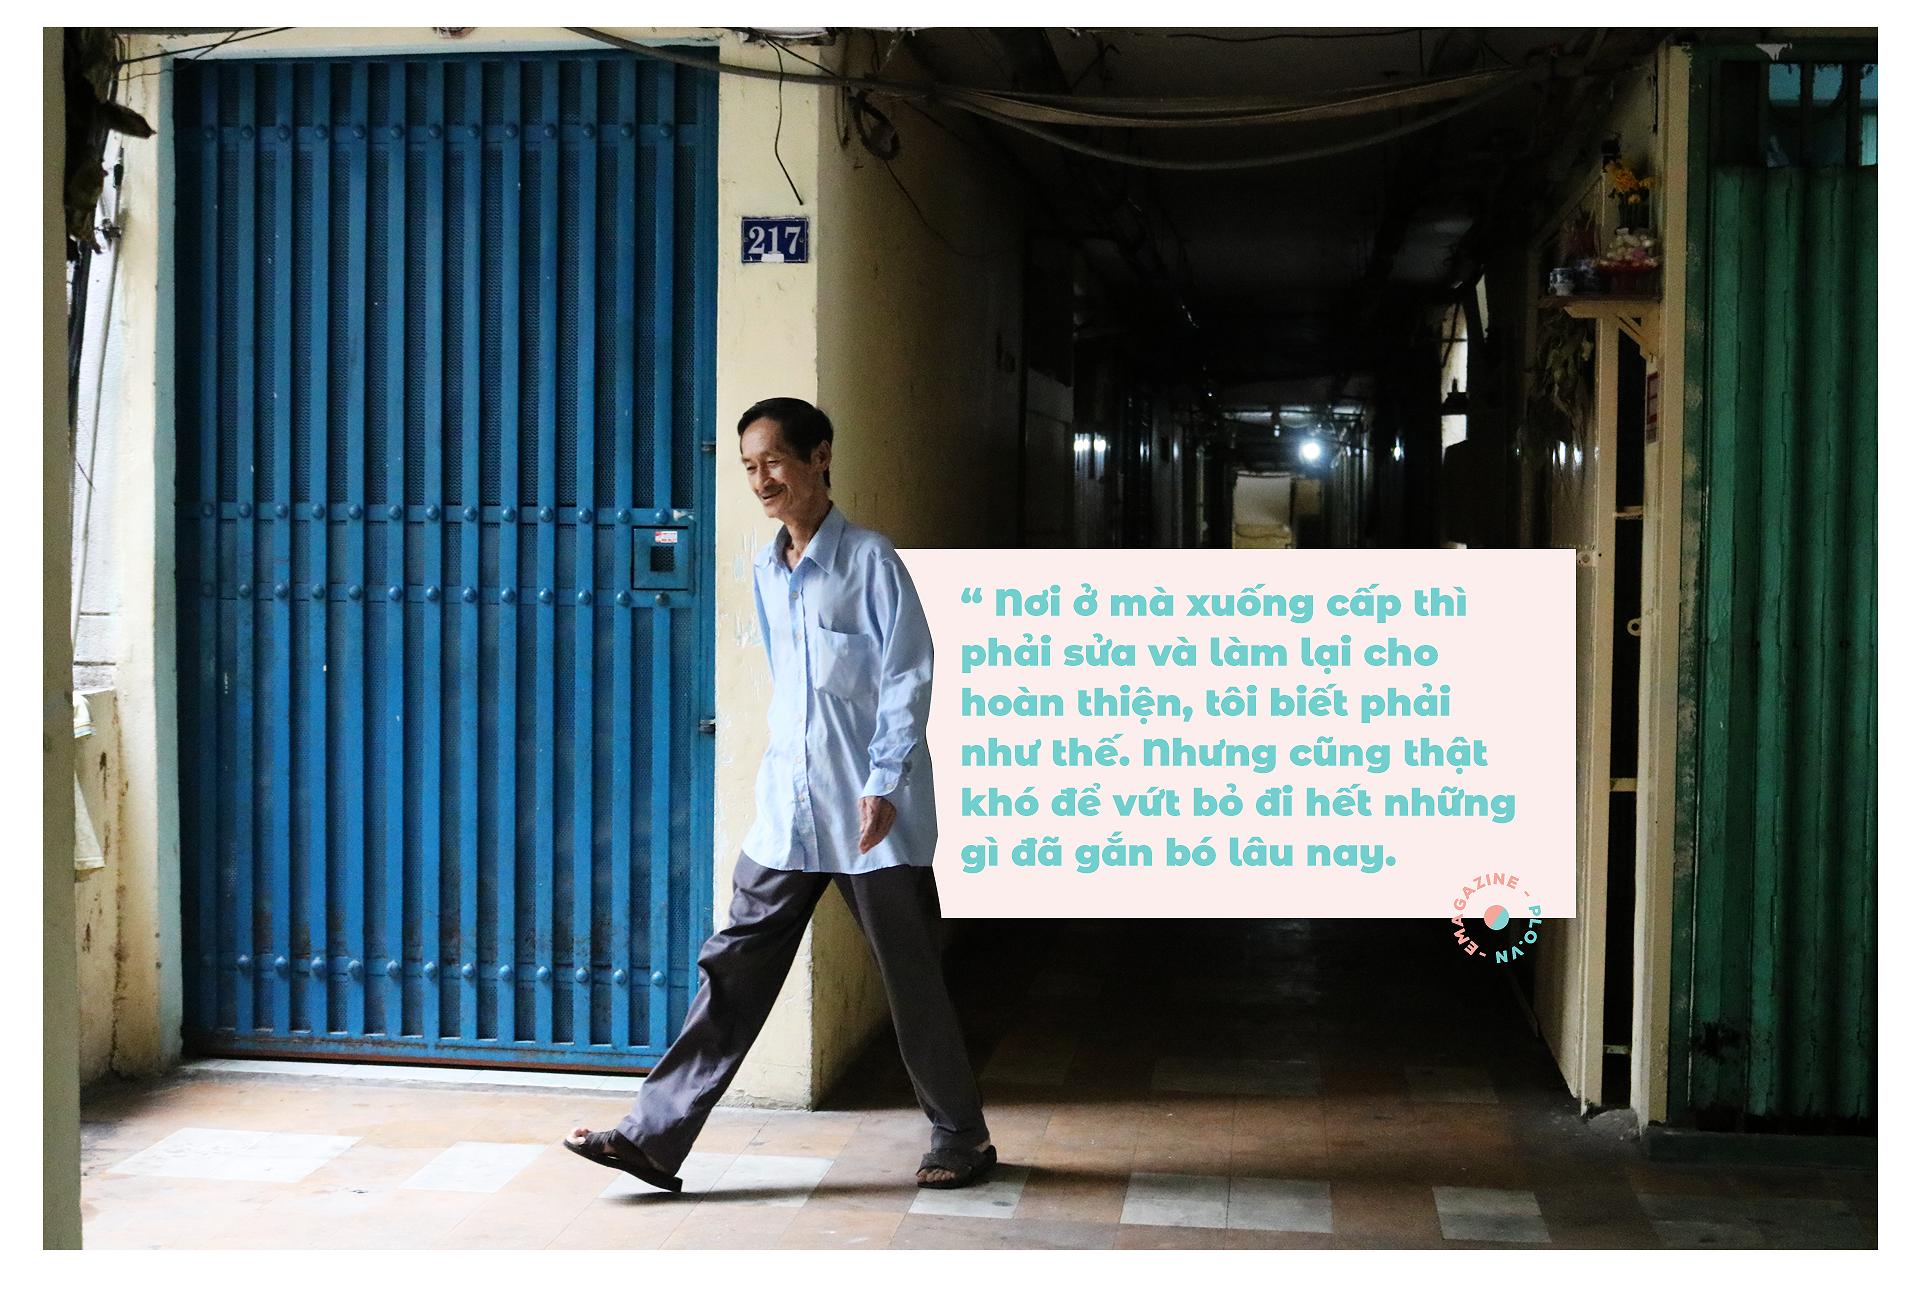 50 năm cư xá Thanh Đa: Hồi ức và ước nguyện - ảnh 6